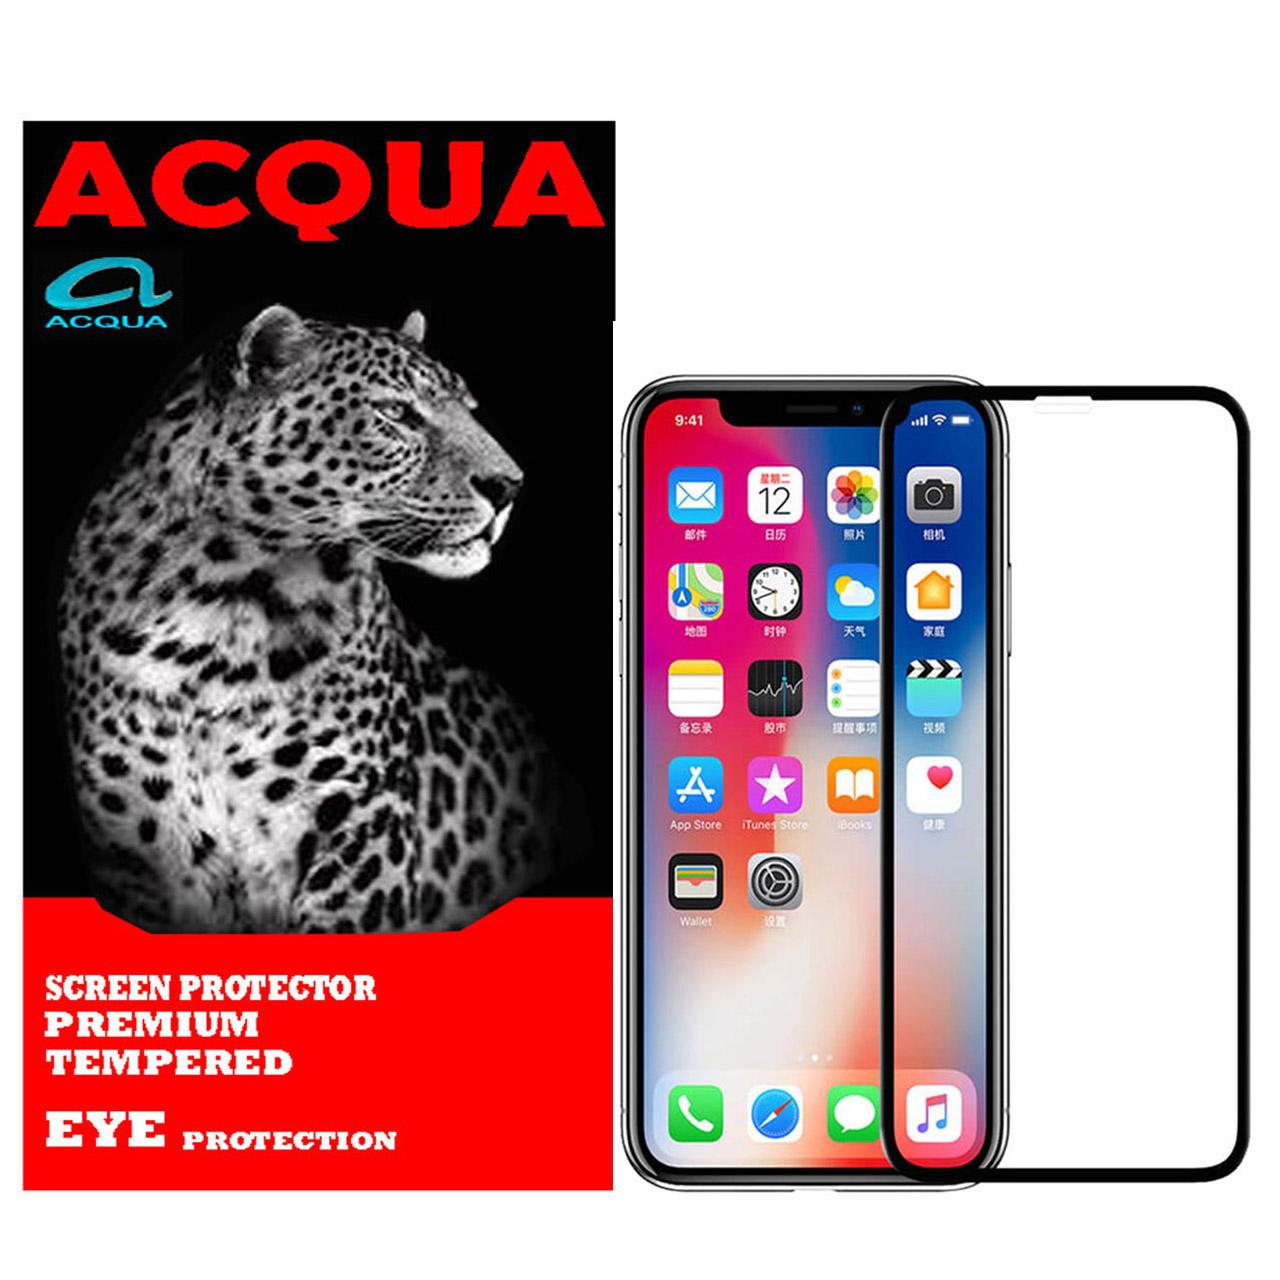 محافظ صفحه نمایش آکوا مدل IPH مناسب برای گوشی موبایل اپل IPHONE XS MAX